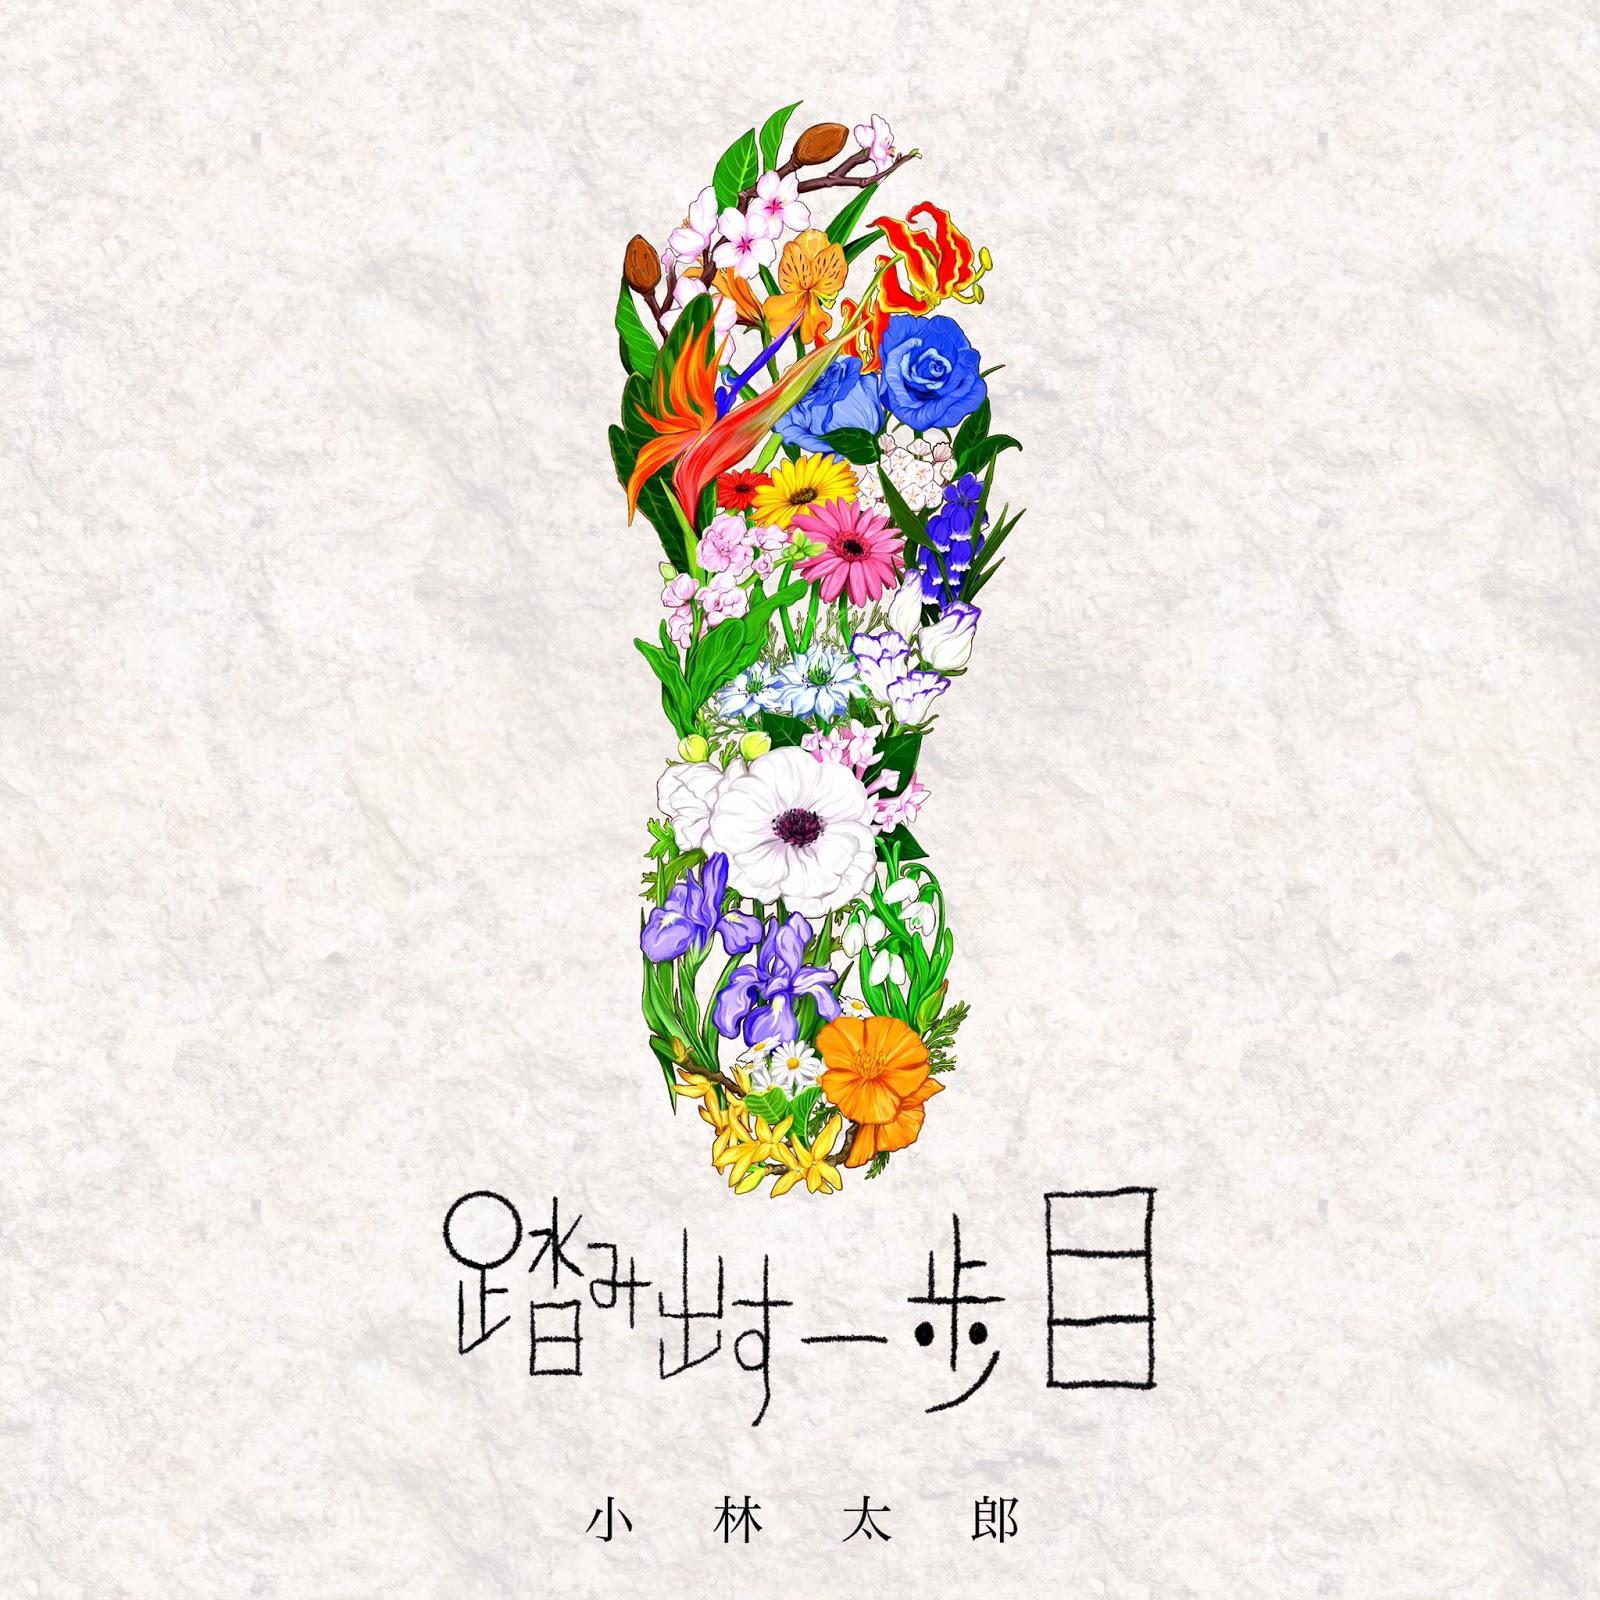 小林太郎 - 踏み出す一歩目 2020 Remix [2020.07.08+MP3+RAR]